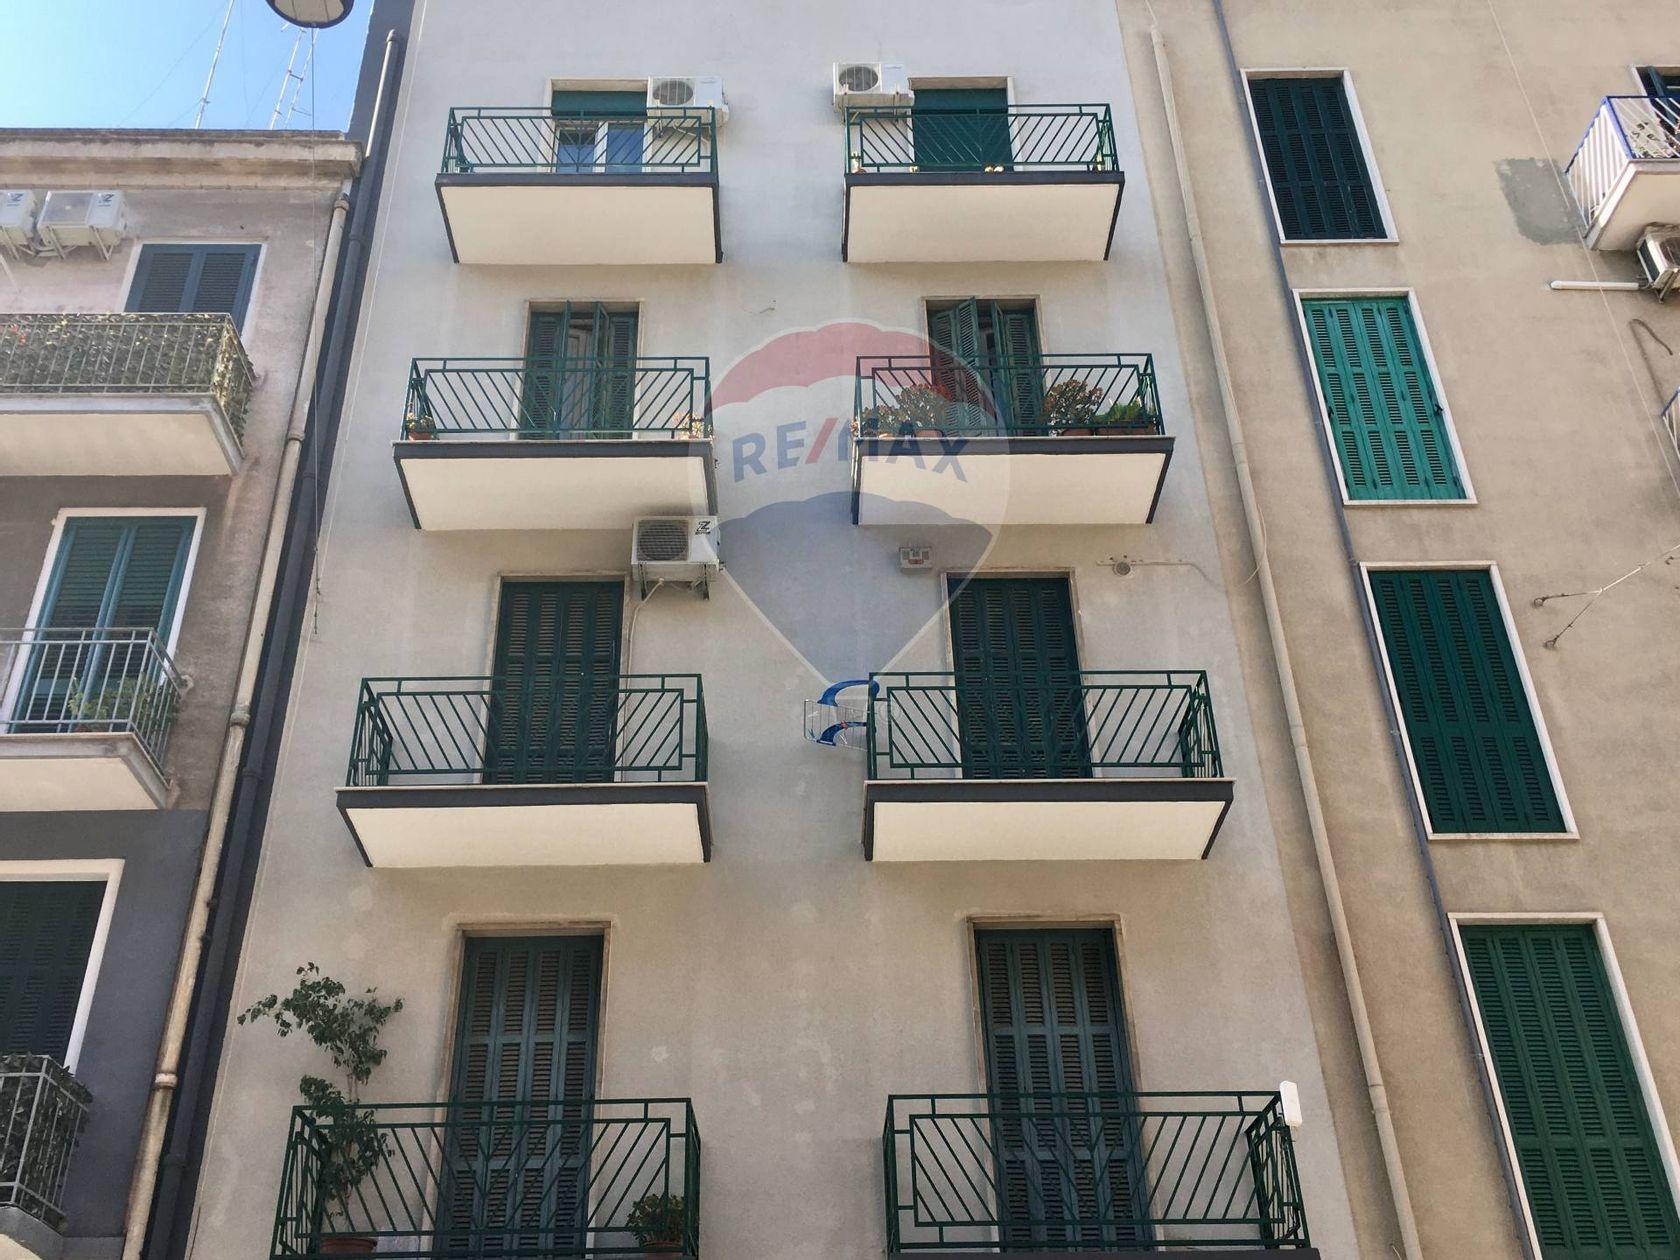 Spazio Vitale Studio Immobiliare appartamento in vendita bari 21260150-23 | re/max italia